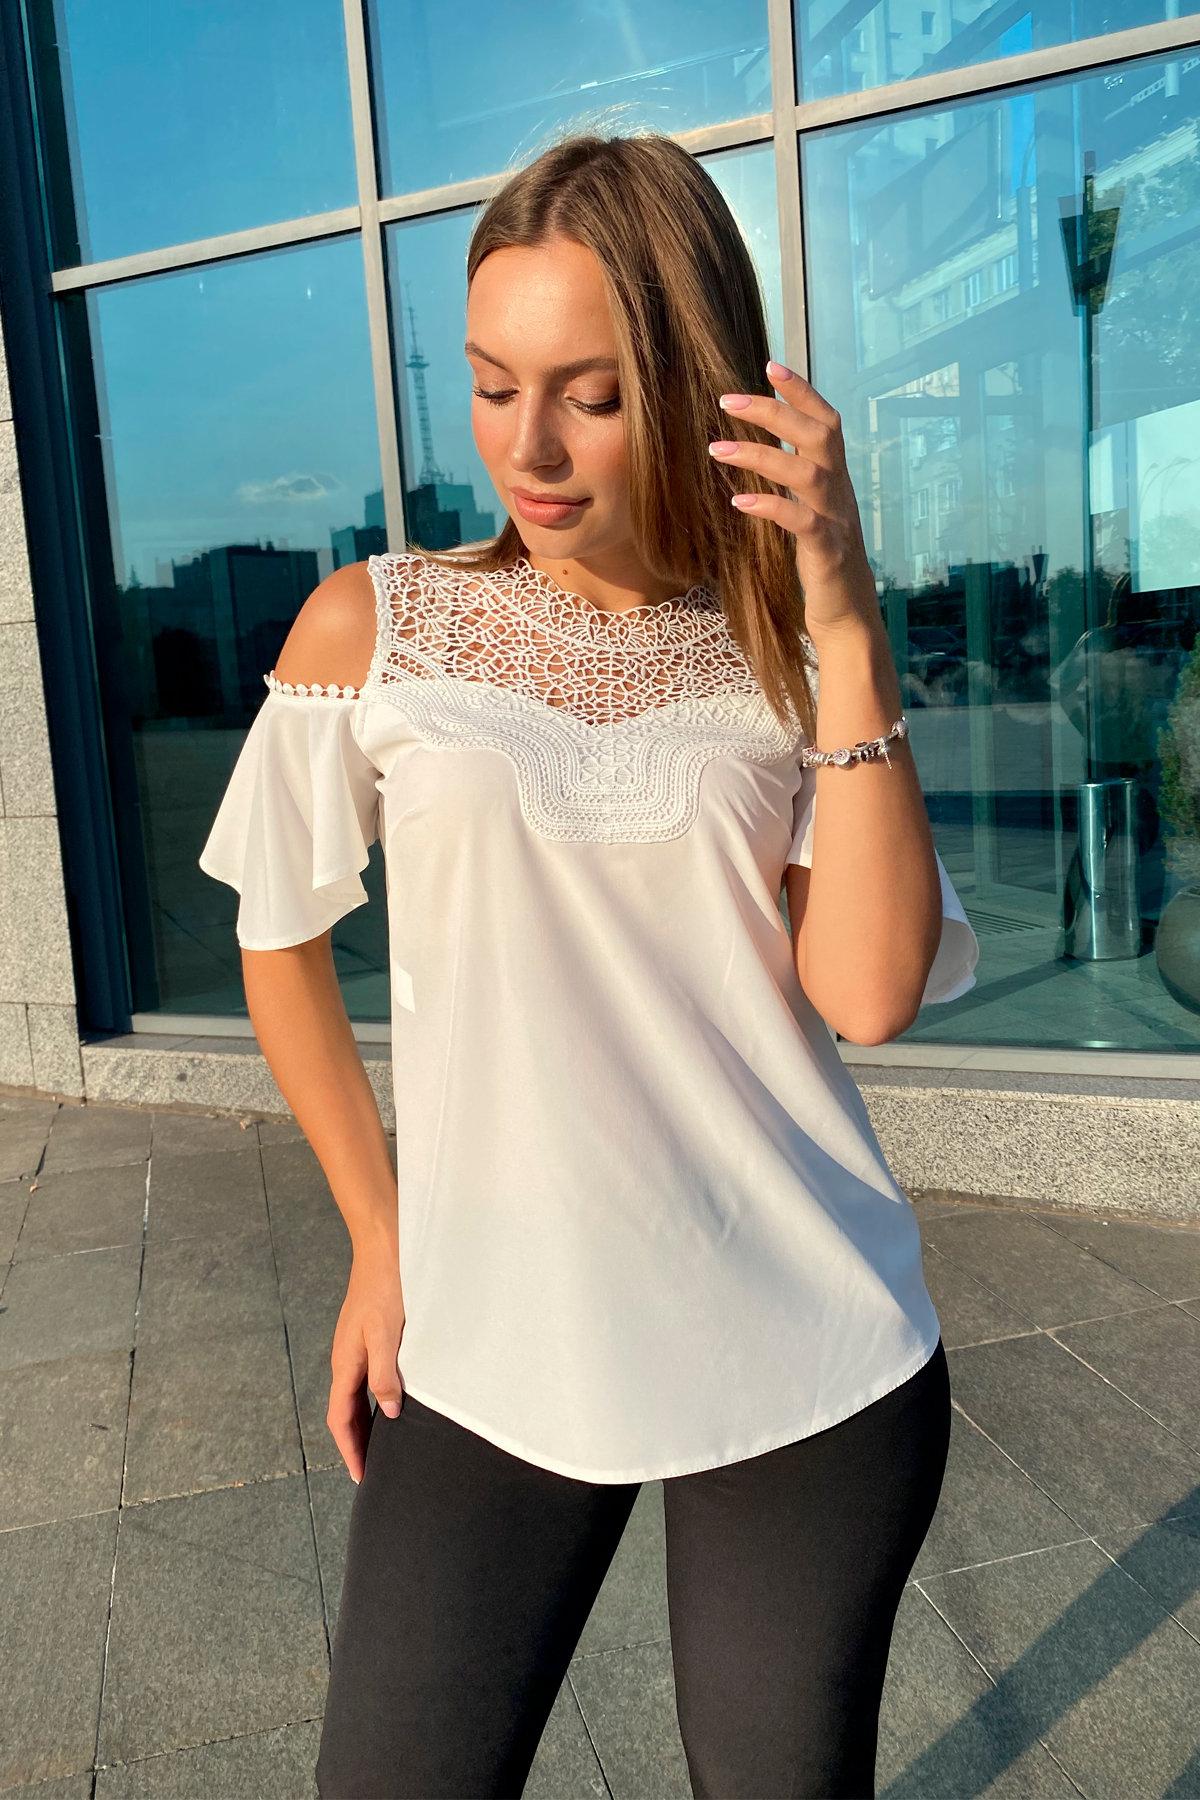 Купить блузку оптом от производителя  Блузка Лотос 9600